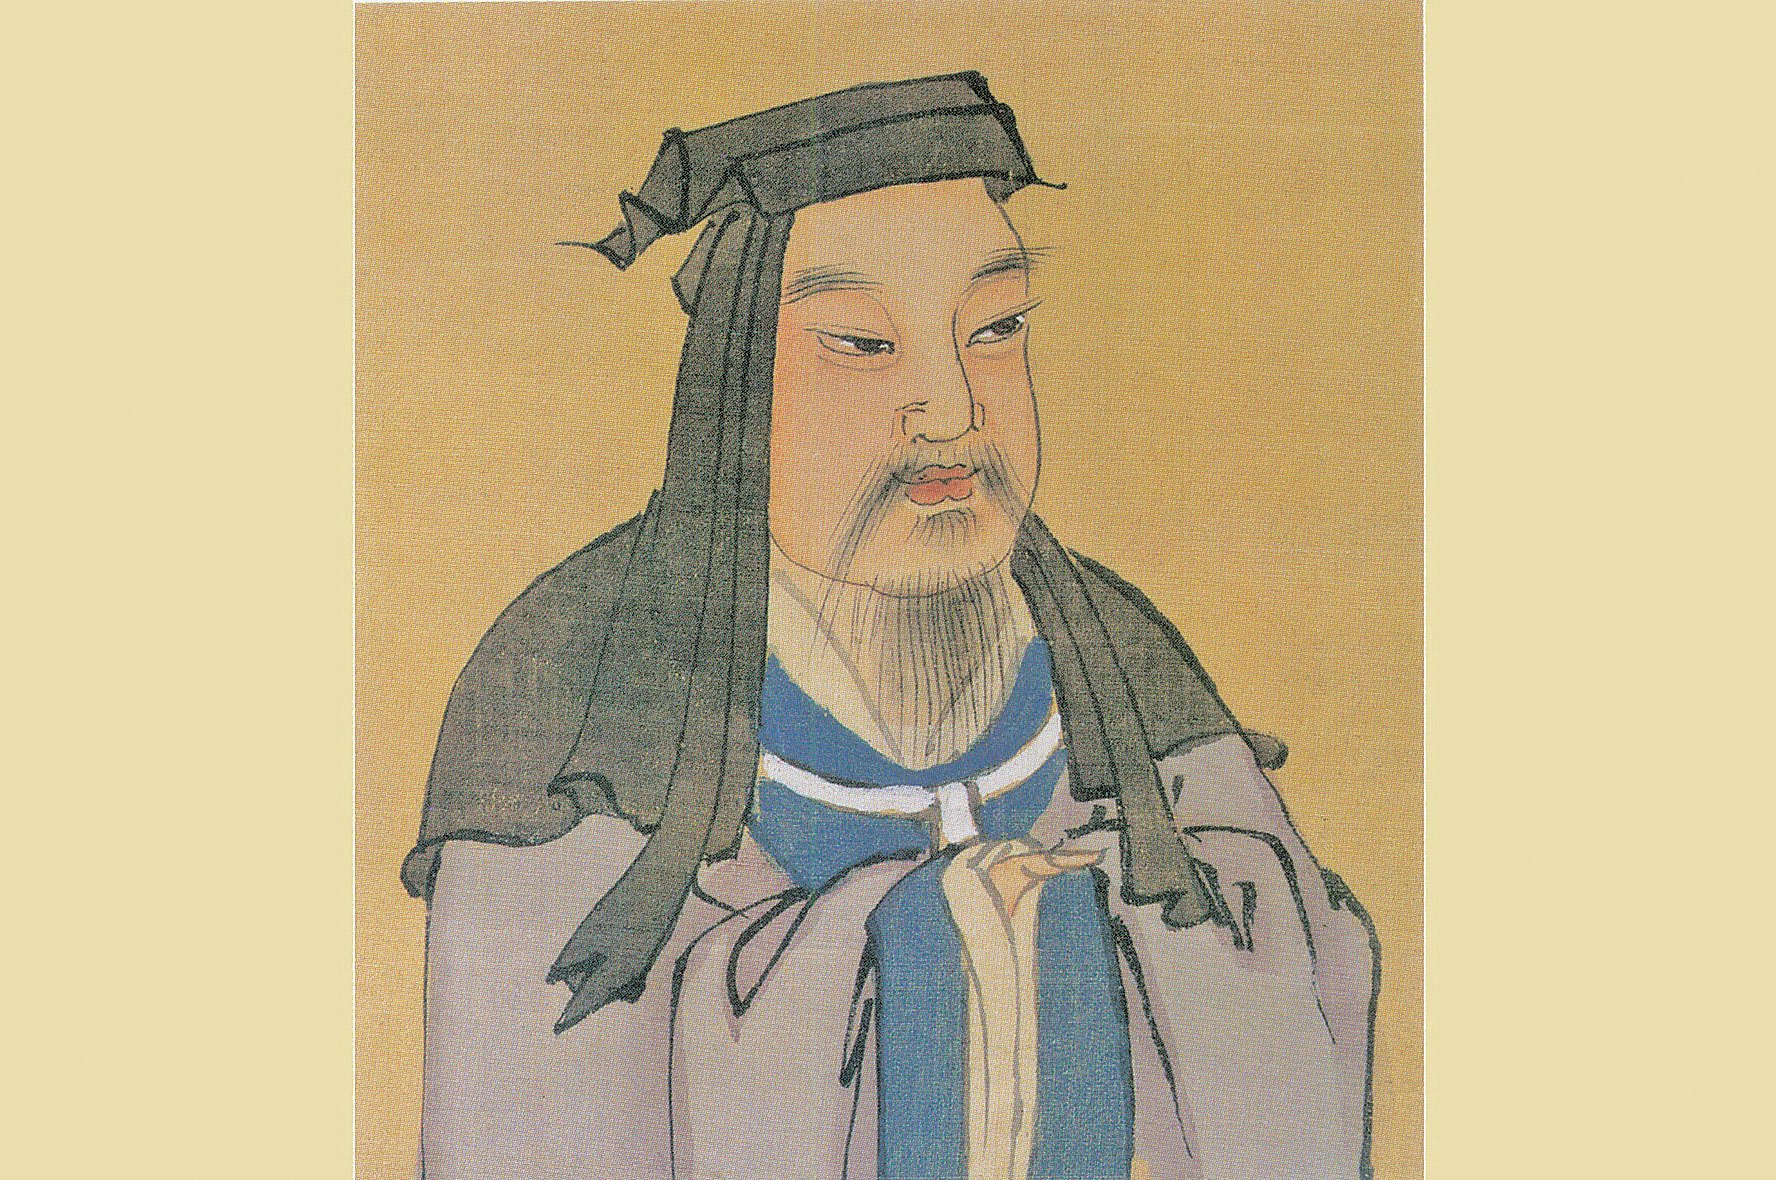 魏太祖曹操彩像,明人繪。(公有領域)